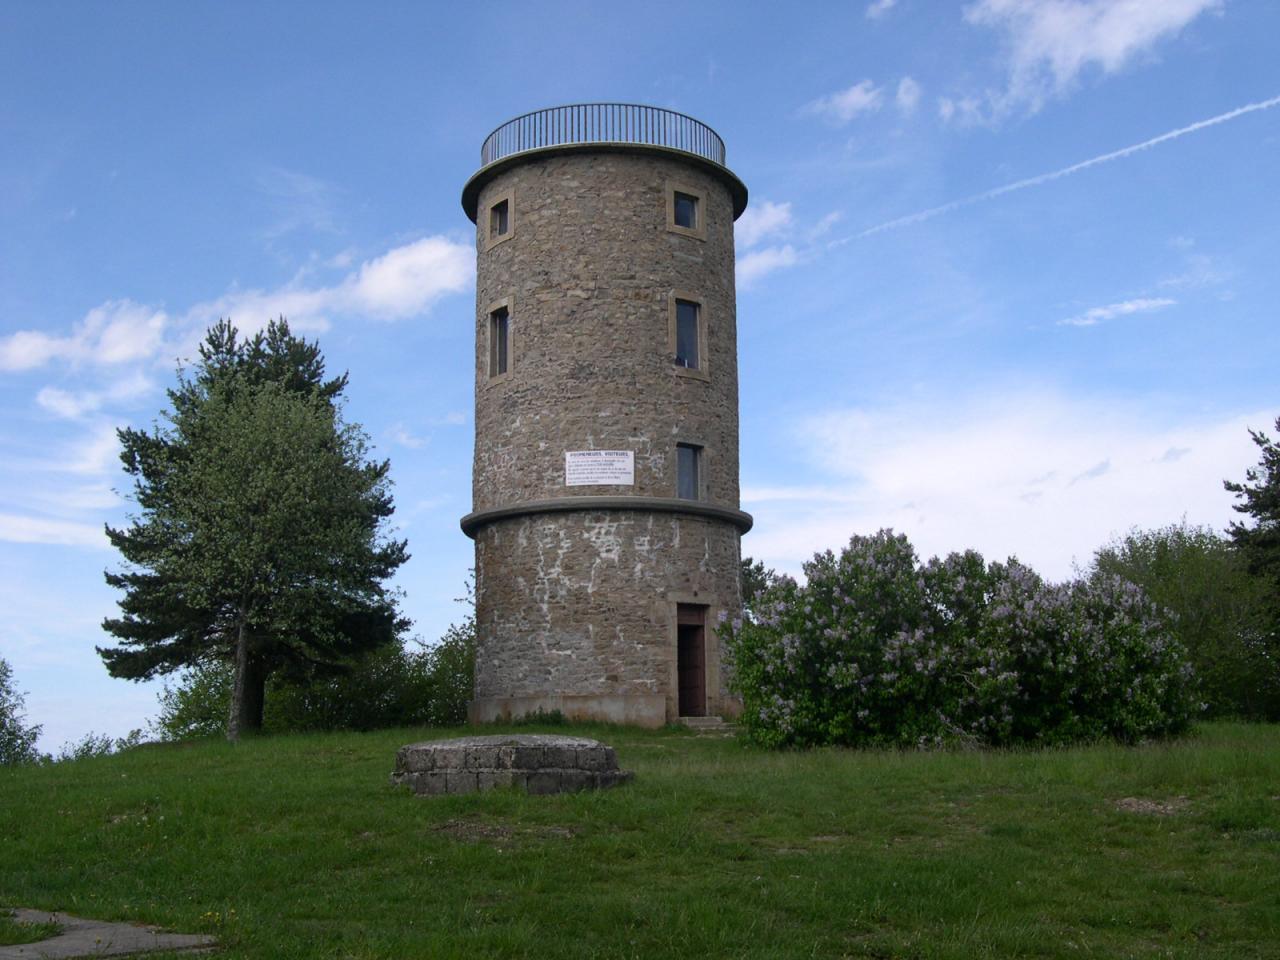 La tour  Matagrin, retrouvez la rubrique lieux de pique-niques,..